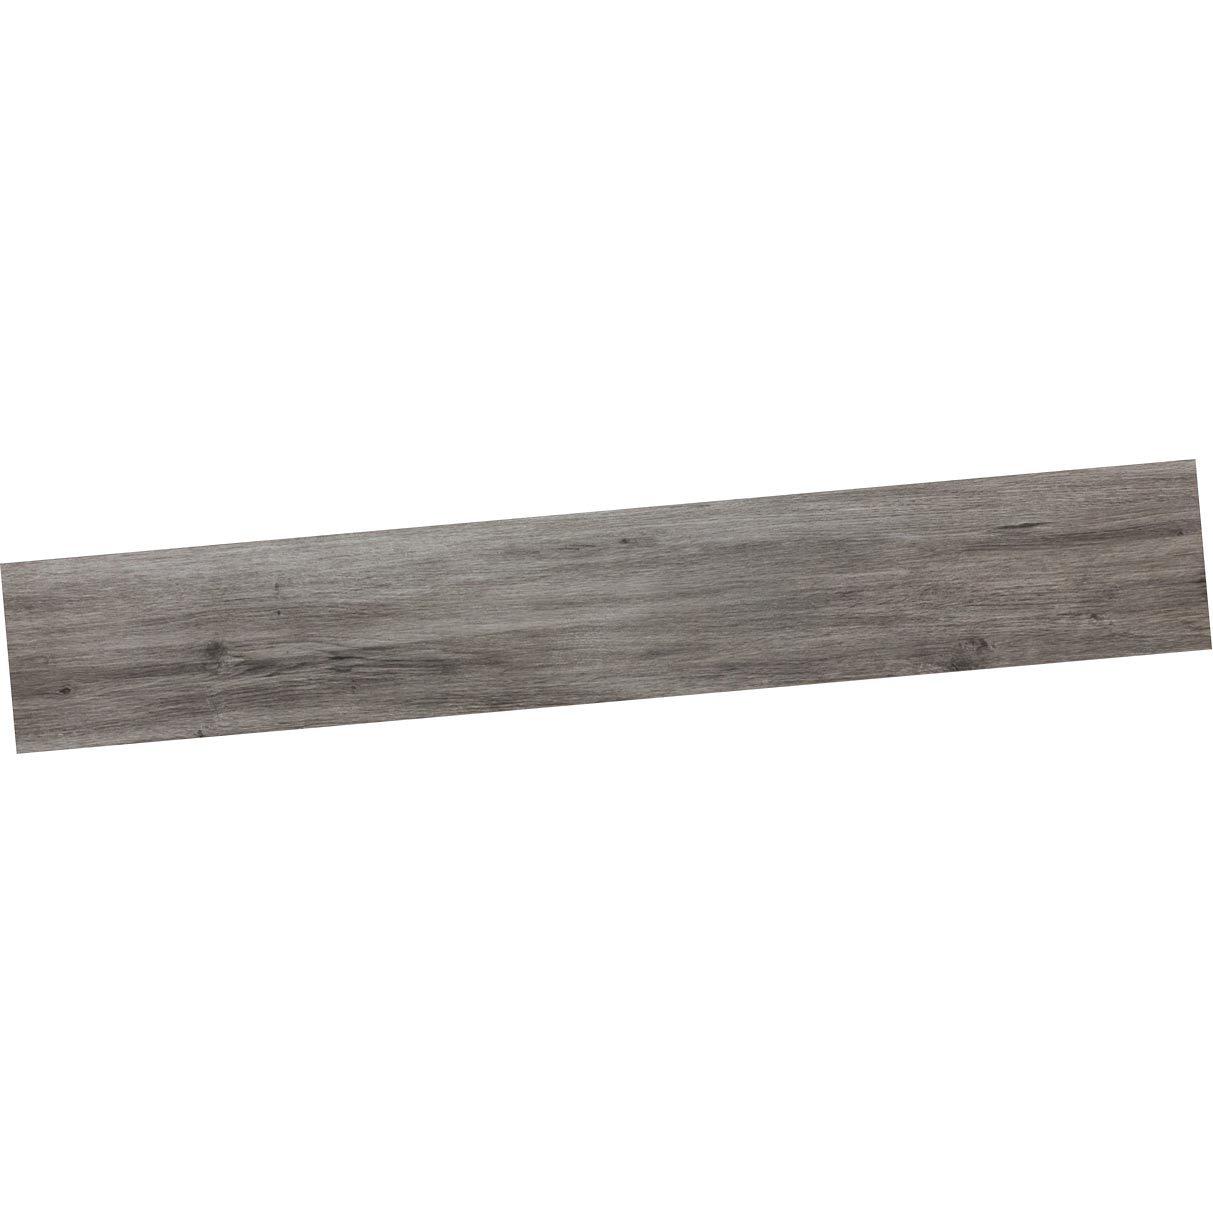 Cerrad Woodmax Grafit 193x1202x8 - универсальная плитка под дерево, керамогранит